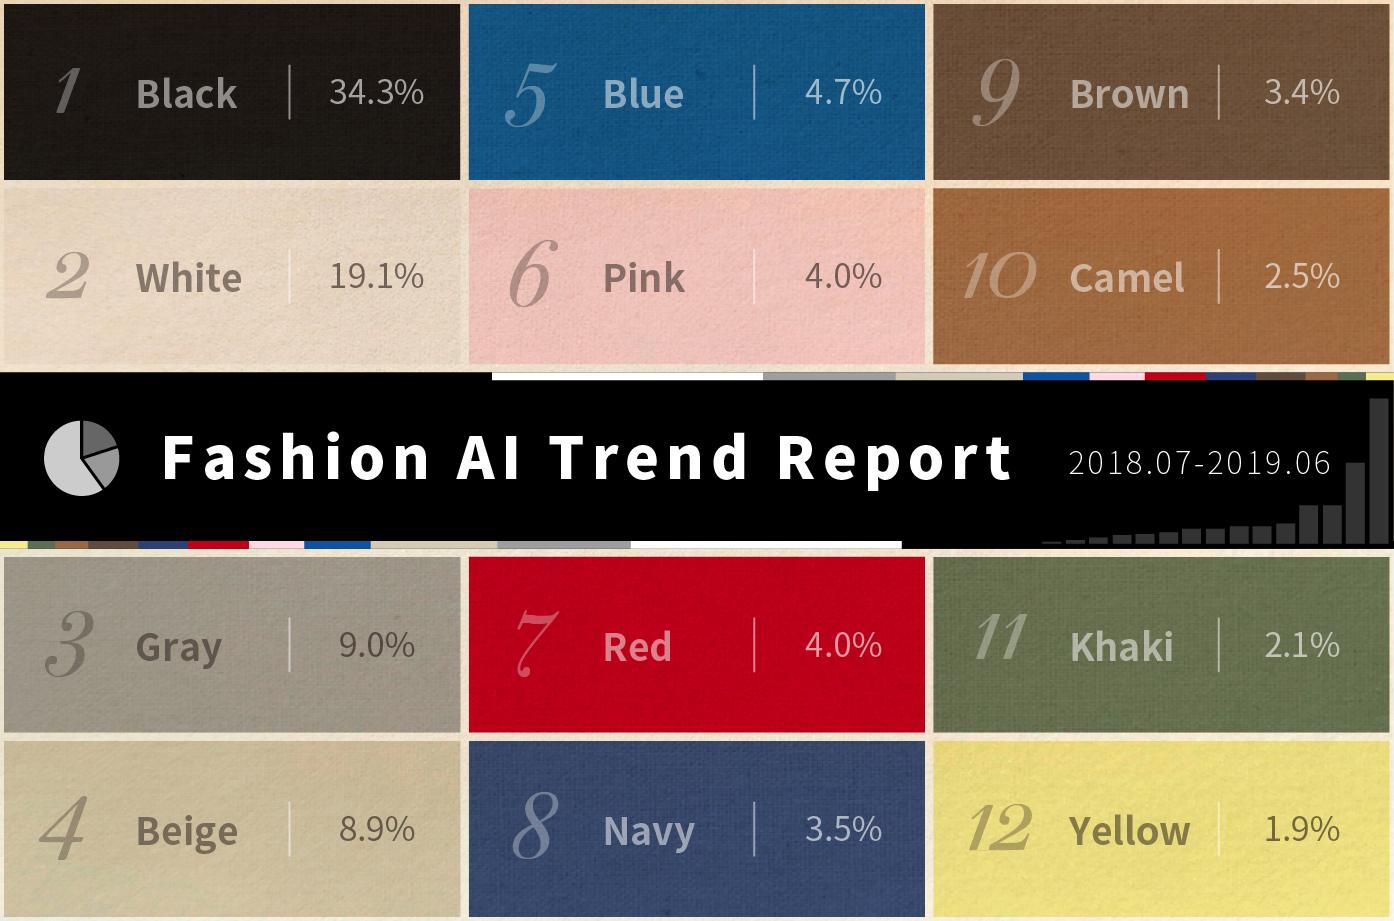 2018-2019年のファッショントレンドの調査結果